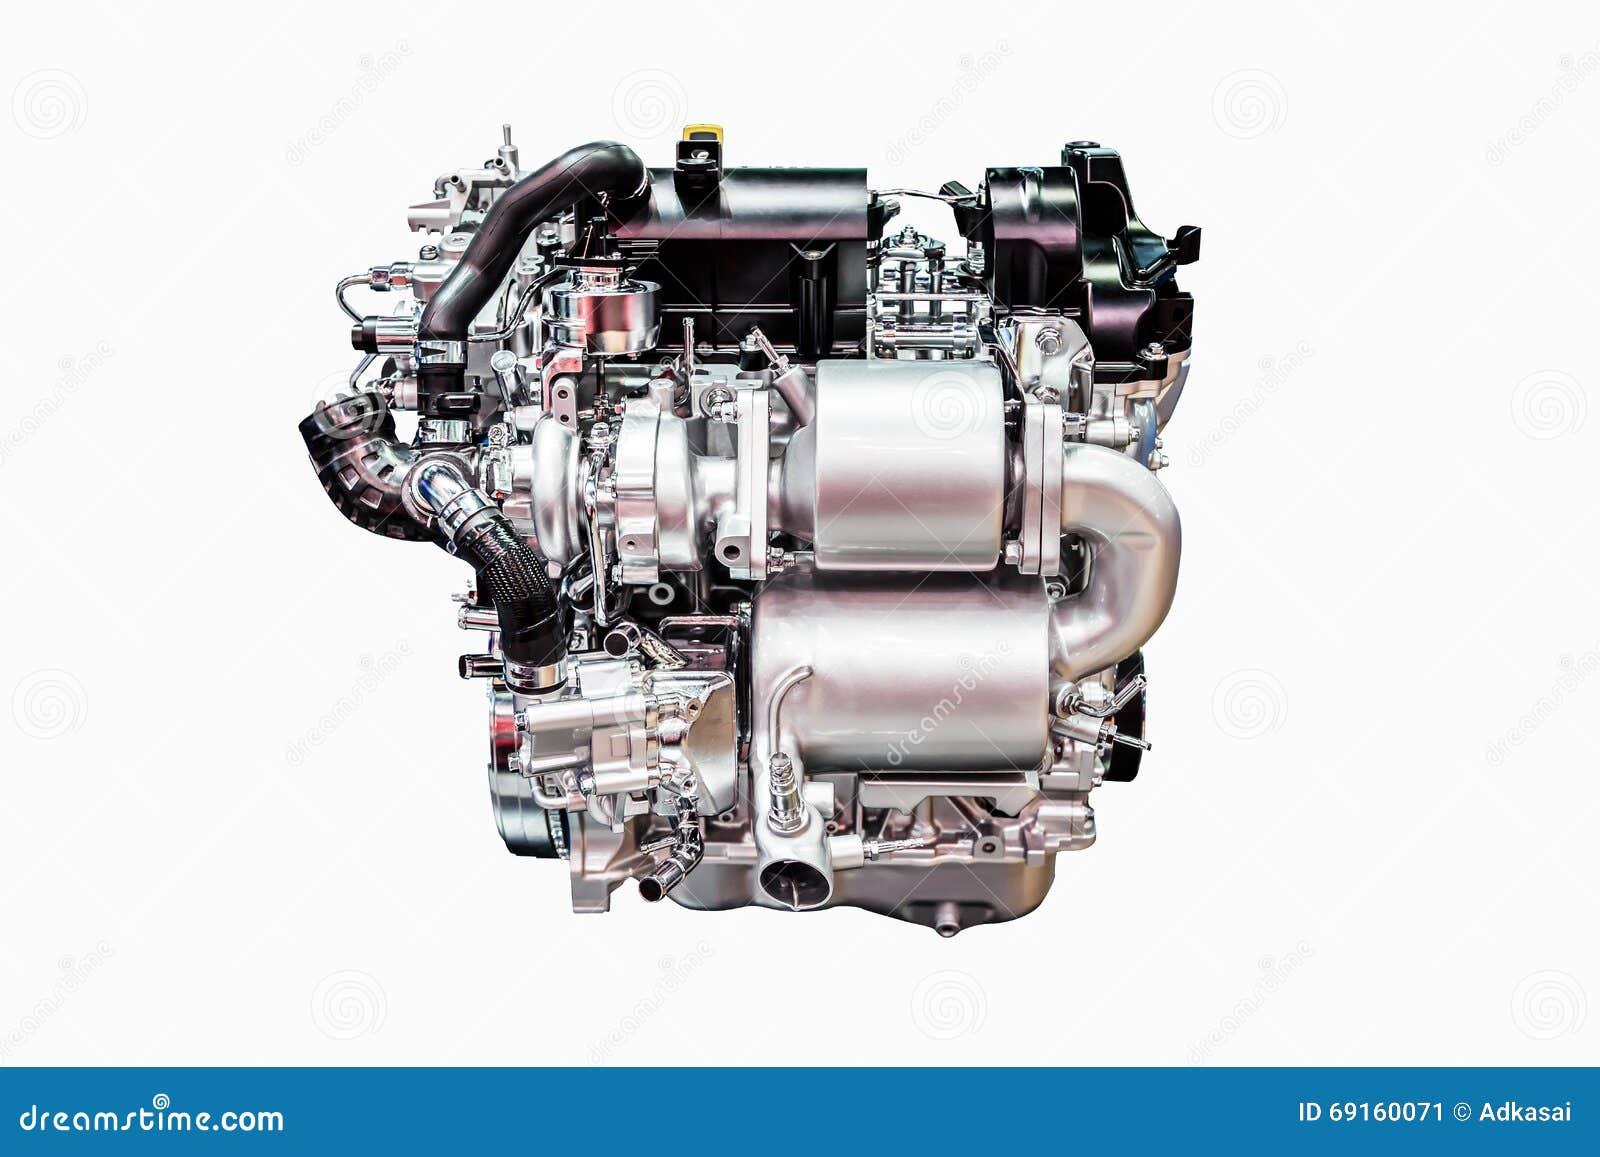 Moderner Leistungsfähiger Automotor Lokalisiert Auf Weiß Stockbild ...